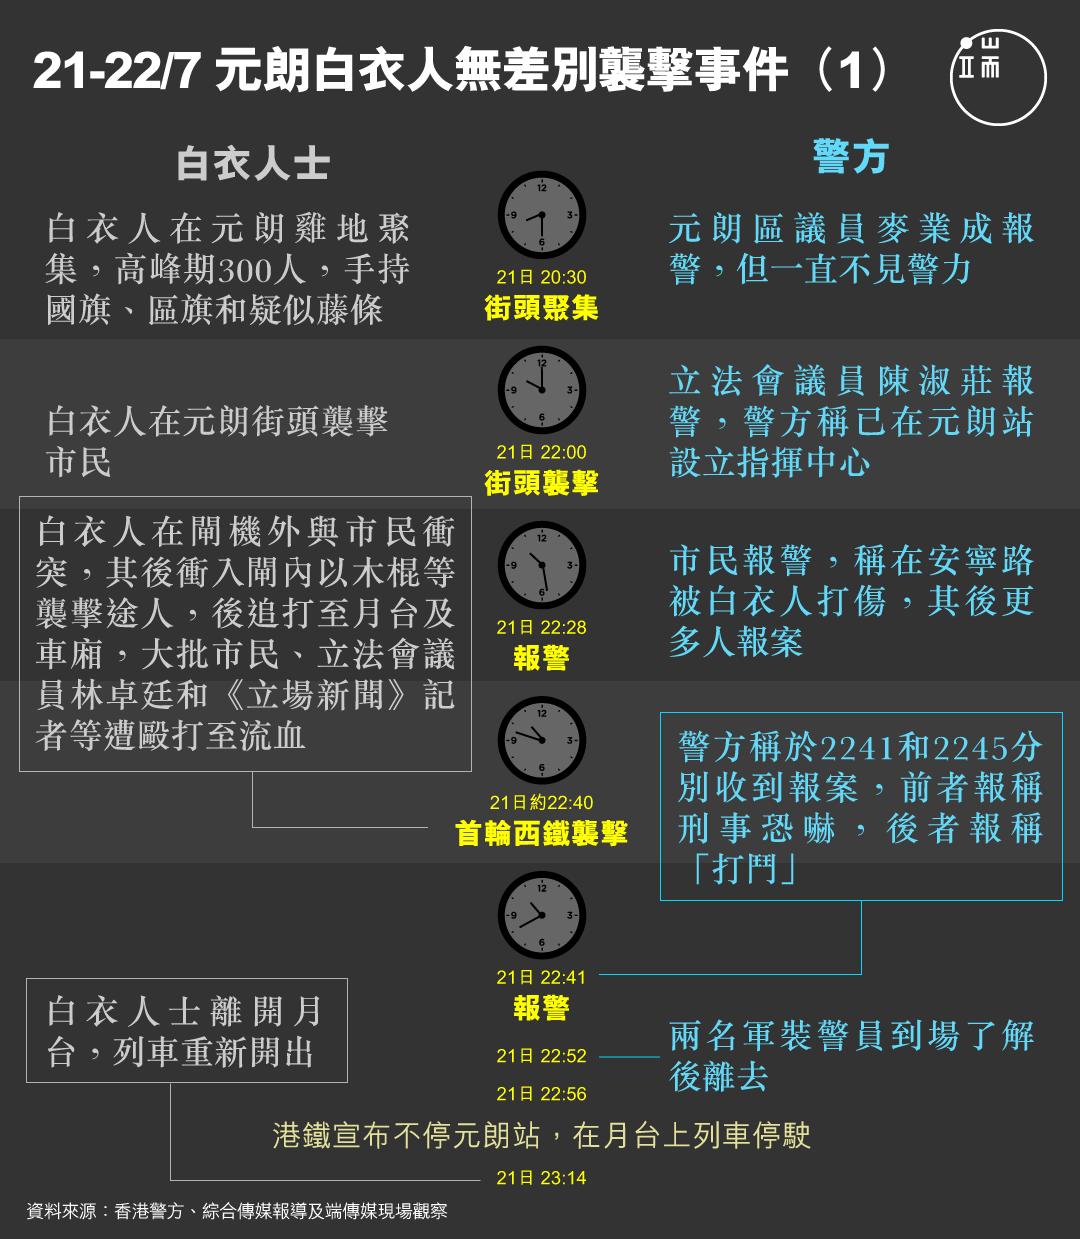 元朗白衣人無差別襲擊事件圖(1)